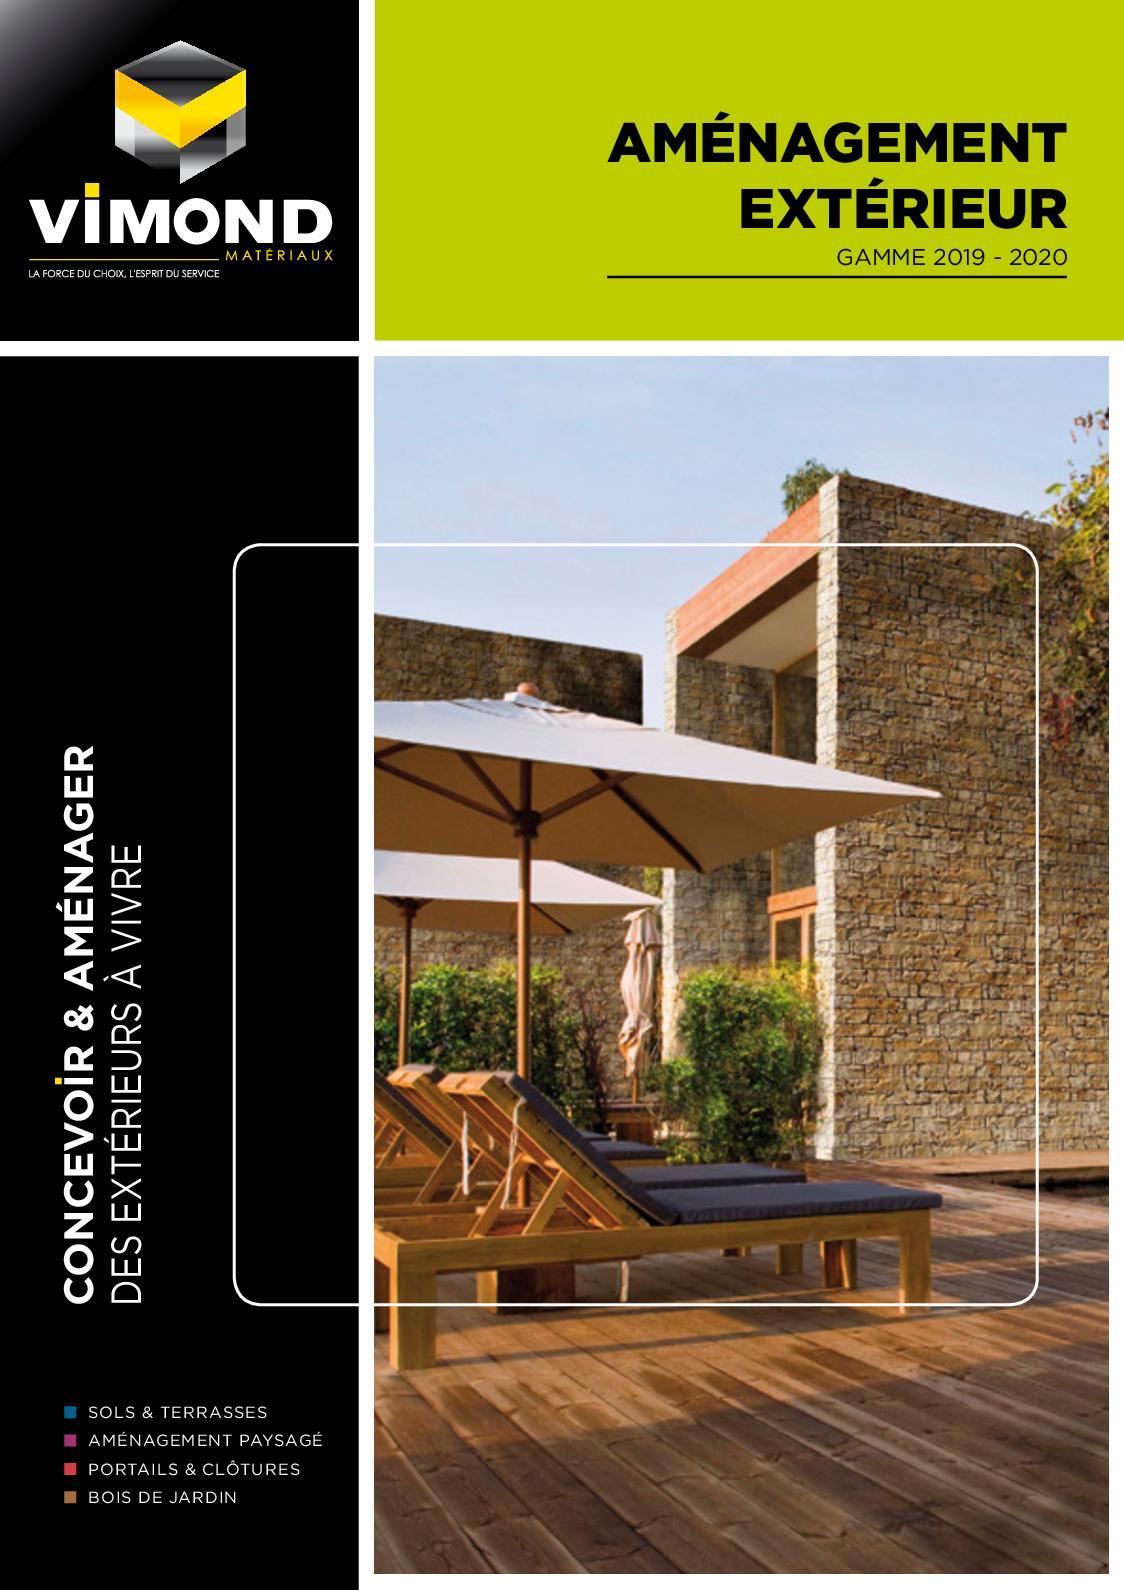 Cloture Bois Hauteur 2M50 calaméo - vimond aménagement extérieur 2019